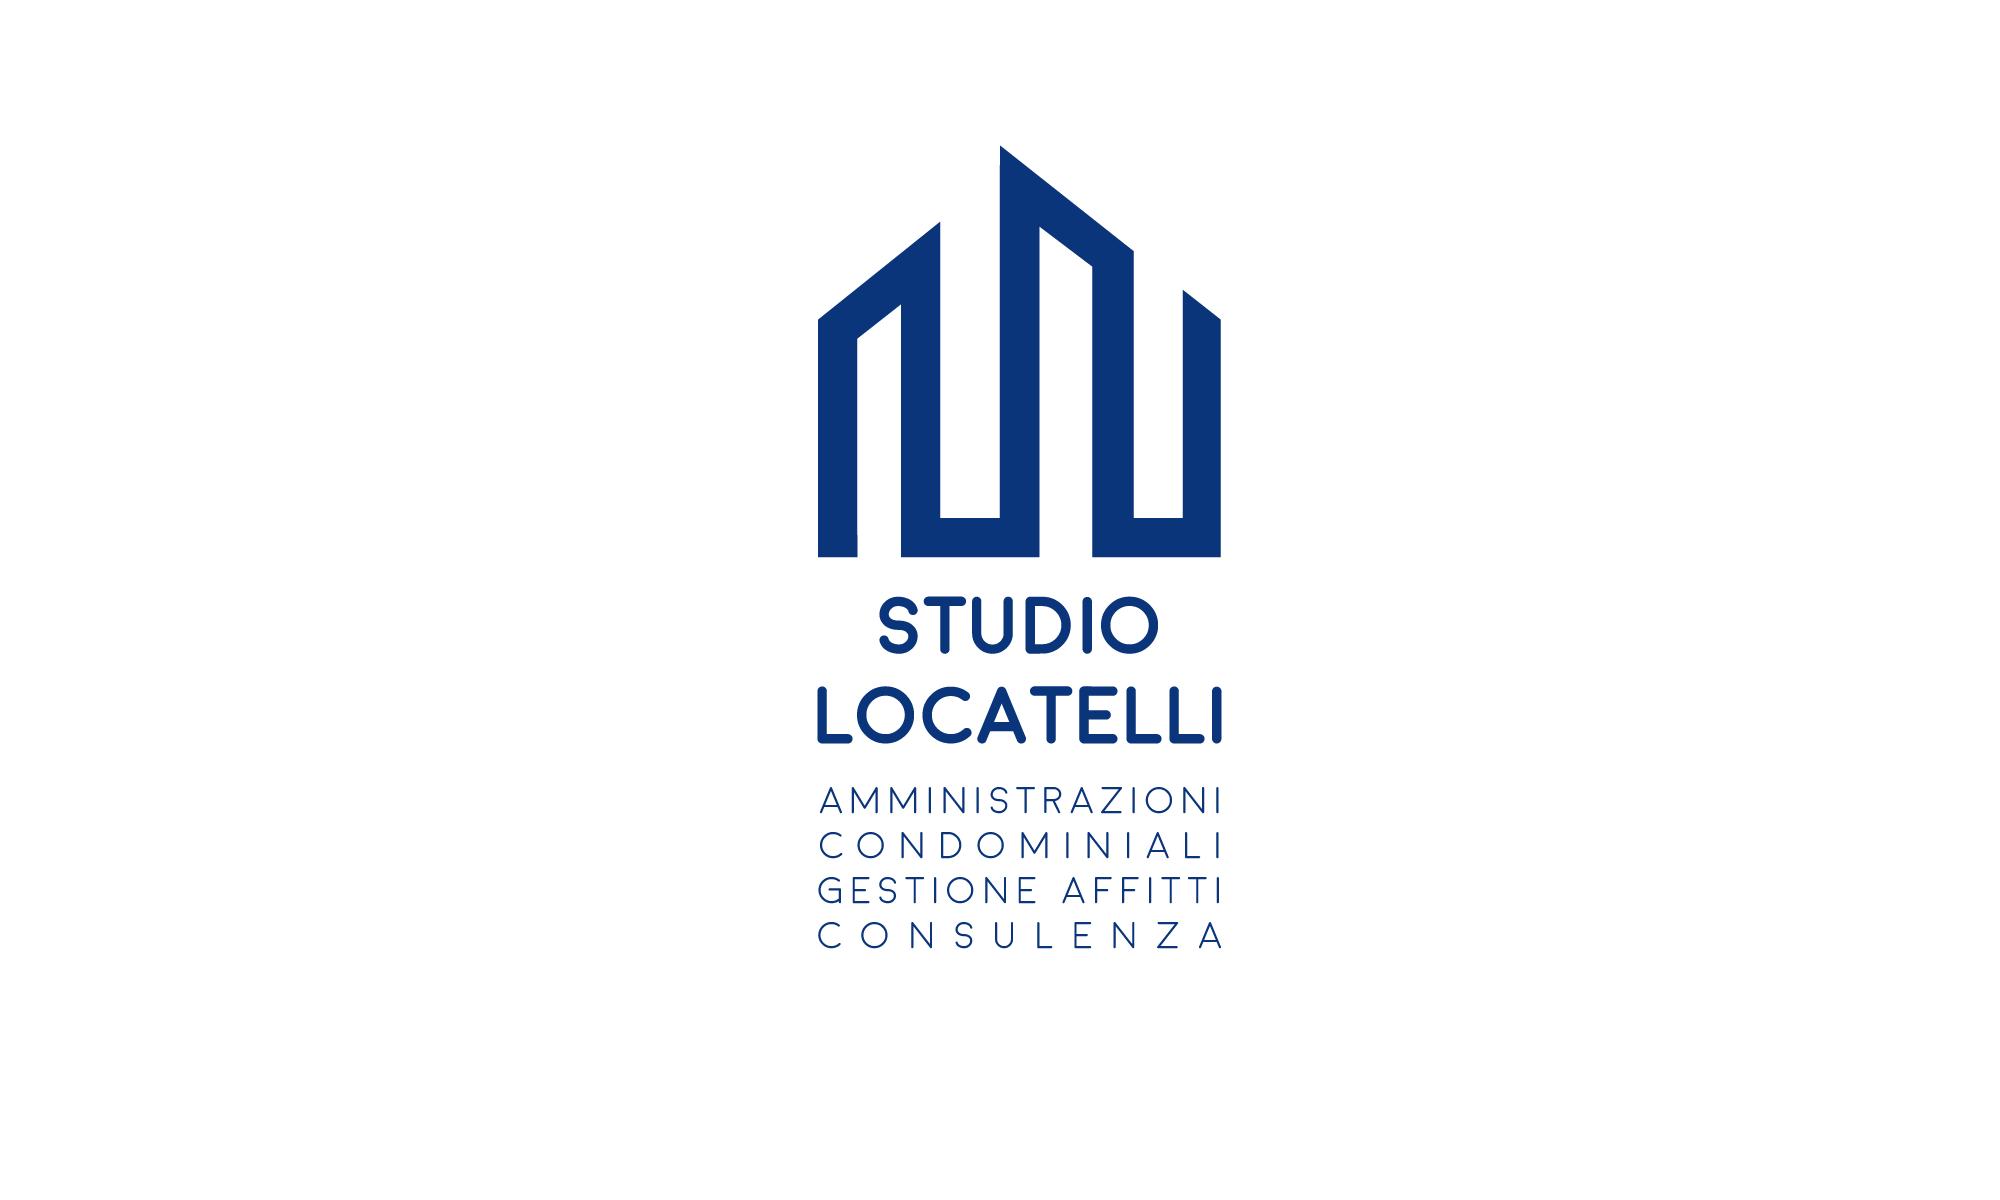 Studio Locatelli